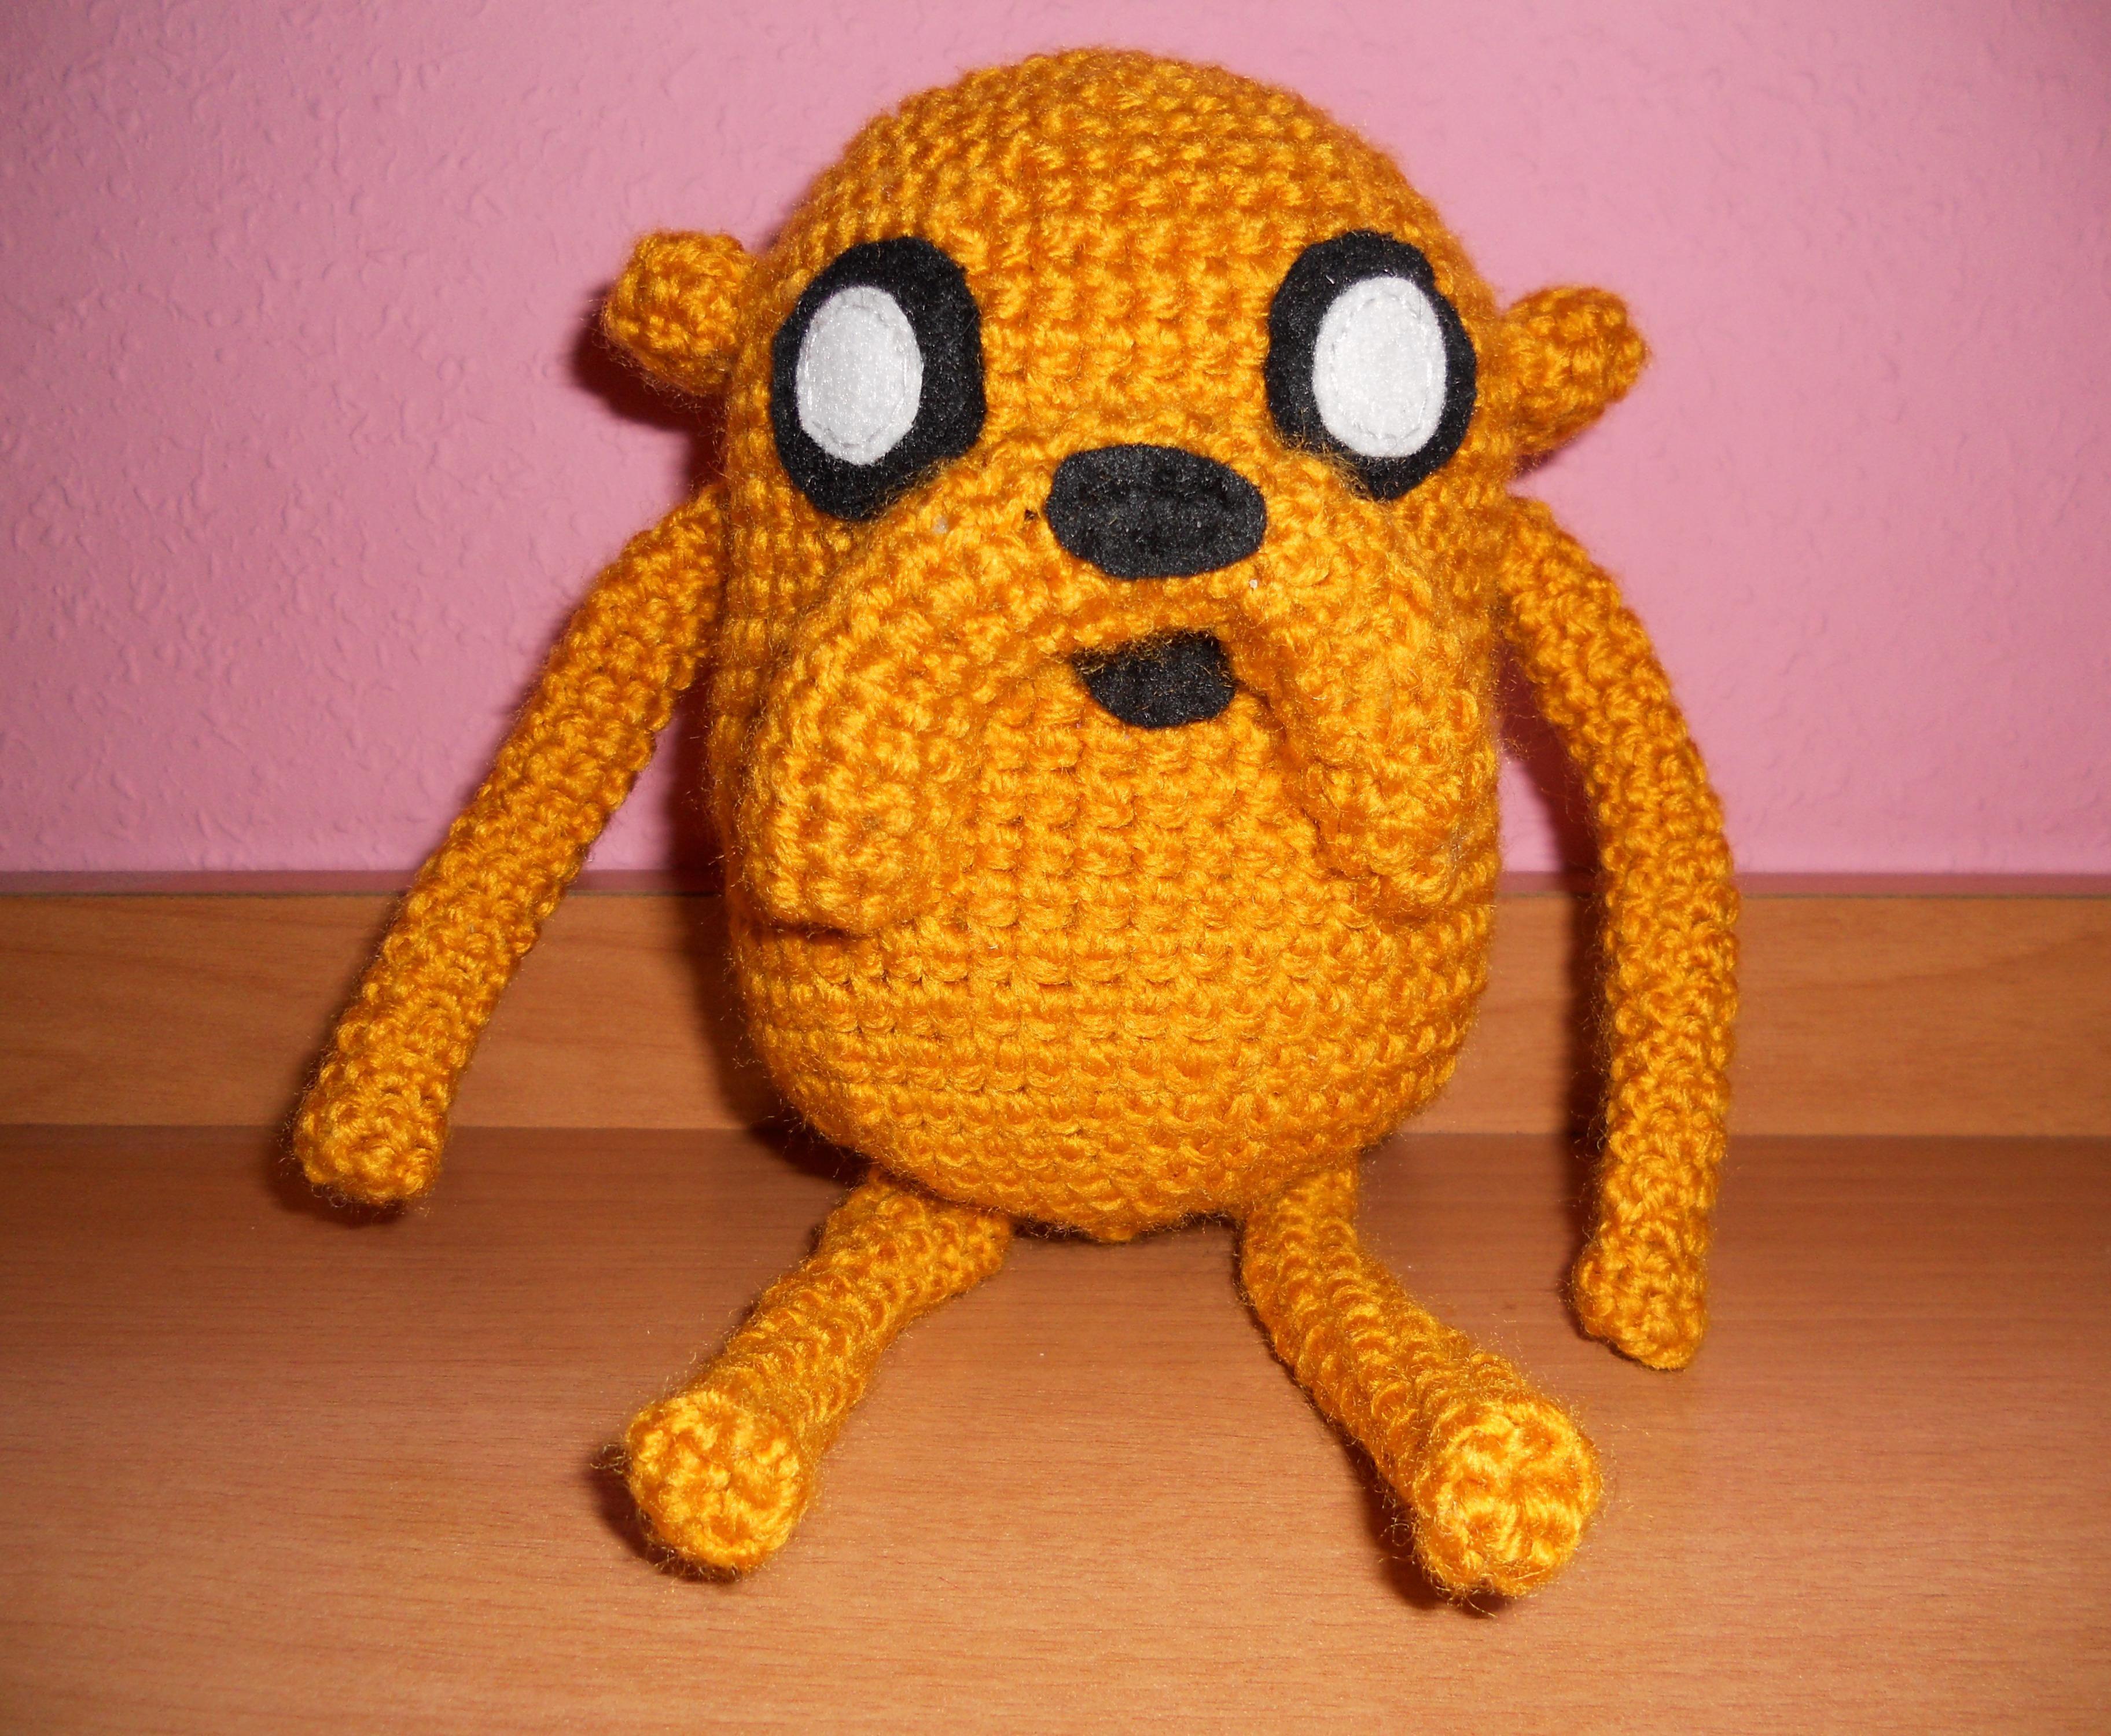 Amigurumi Crochet Personajes : Amigurumi patrón gratis en español naranja mecánica fantasÍa